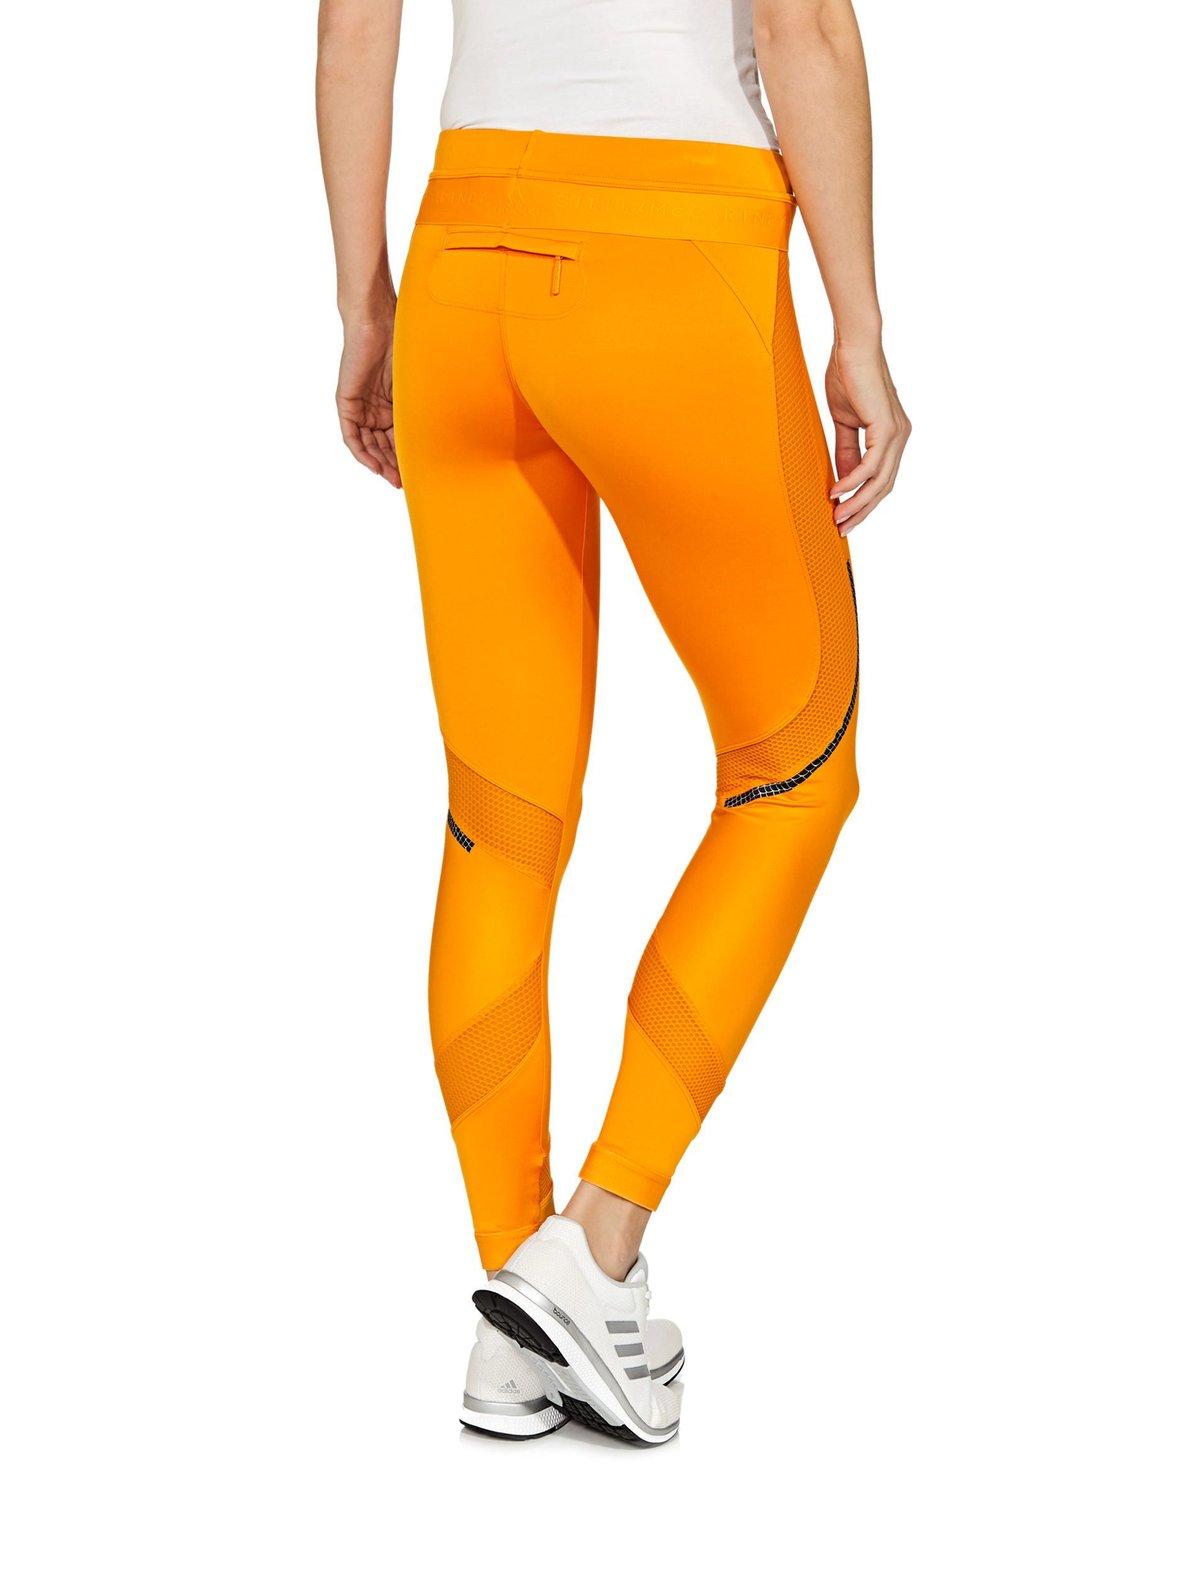 Lucora (oranssi) Stella McCartney Run Long Tight -juoksutrikoot ... 0e38113aa1